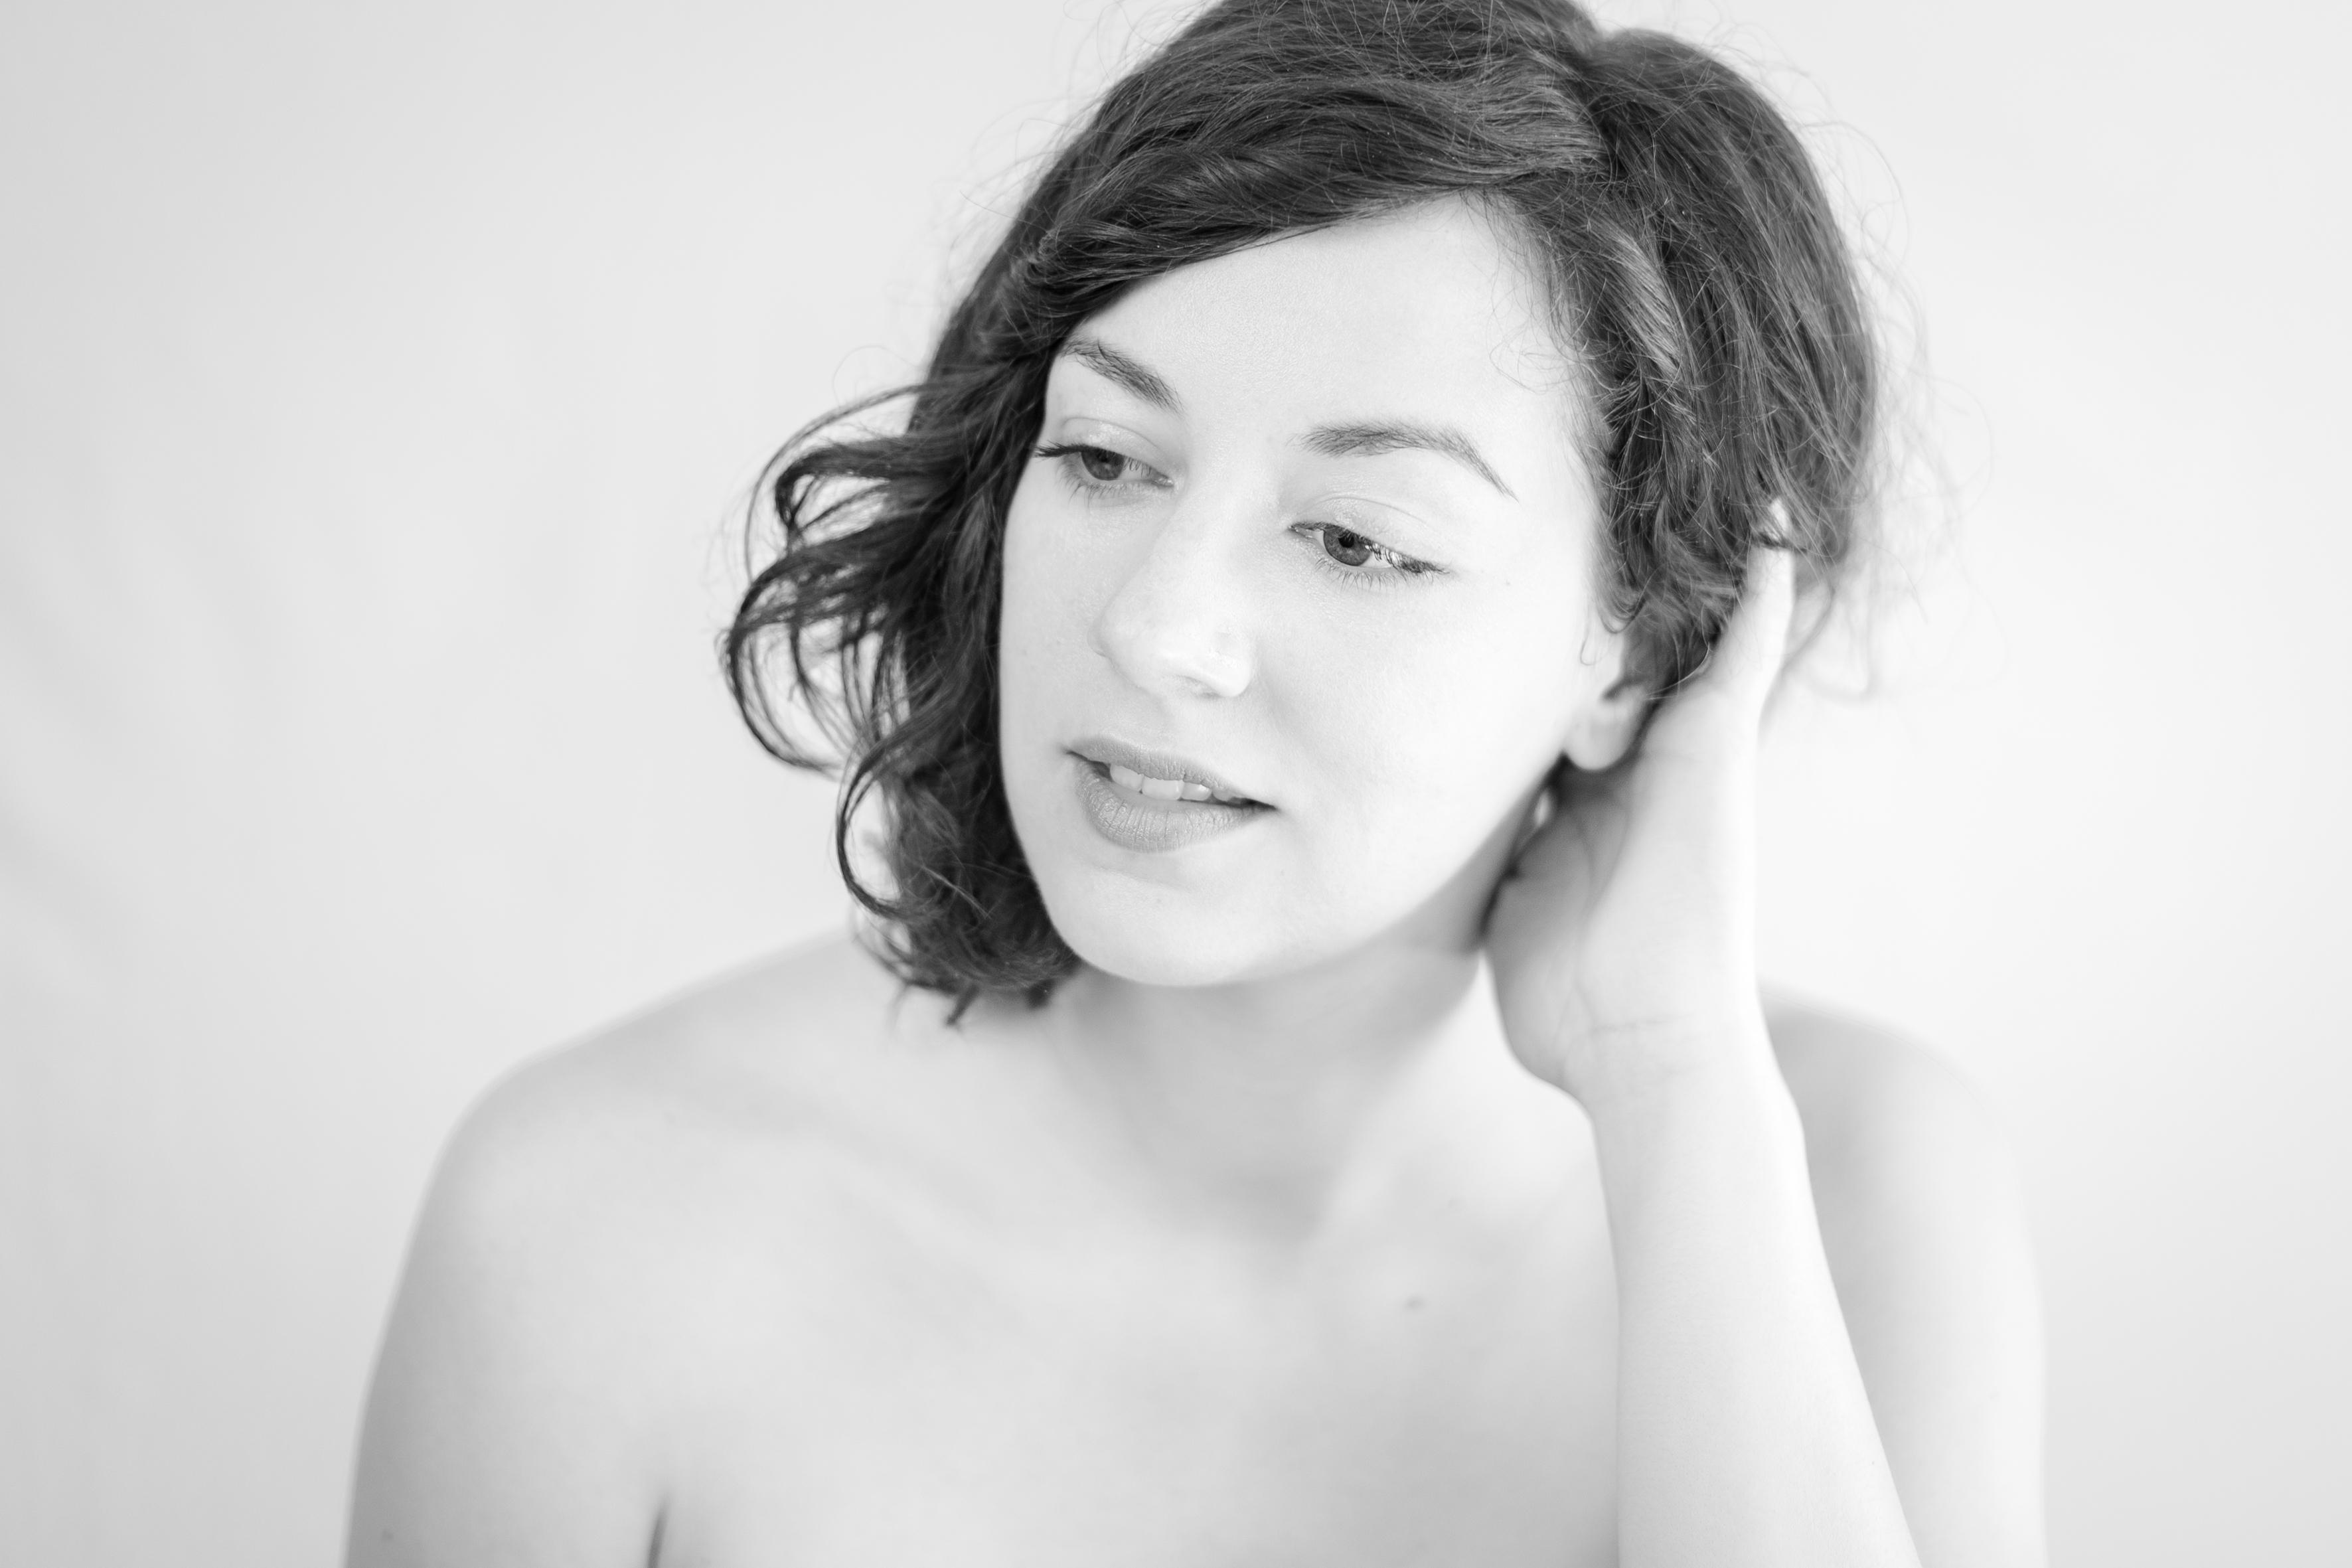 Femme cherche photographe belgique